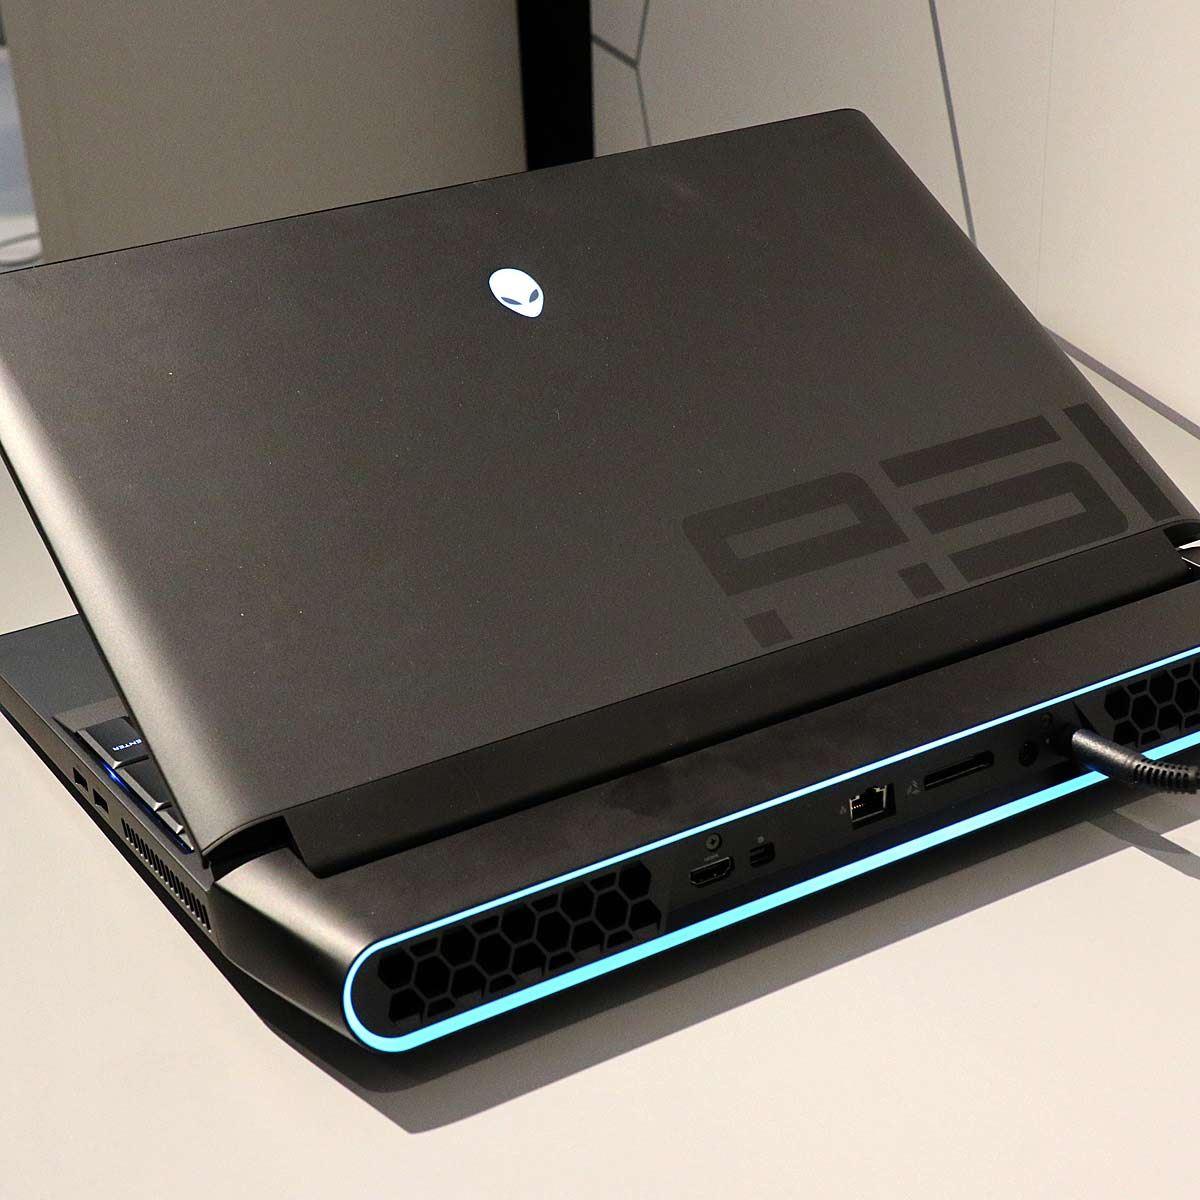 8ce63a227d デル、デスクトップ用CPU搭載の超ハイスペックゲーミングノート「NEW ALIENWARE AREA-51m」 - 価格.comマガジン